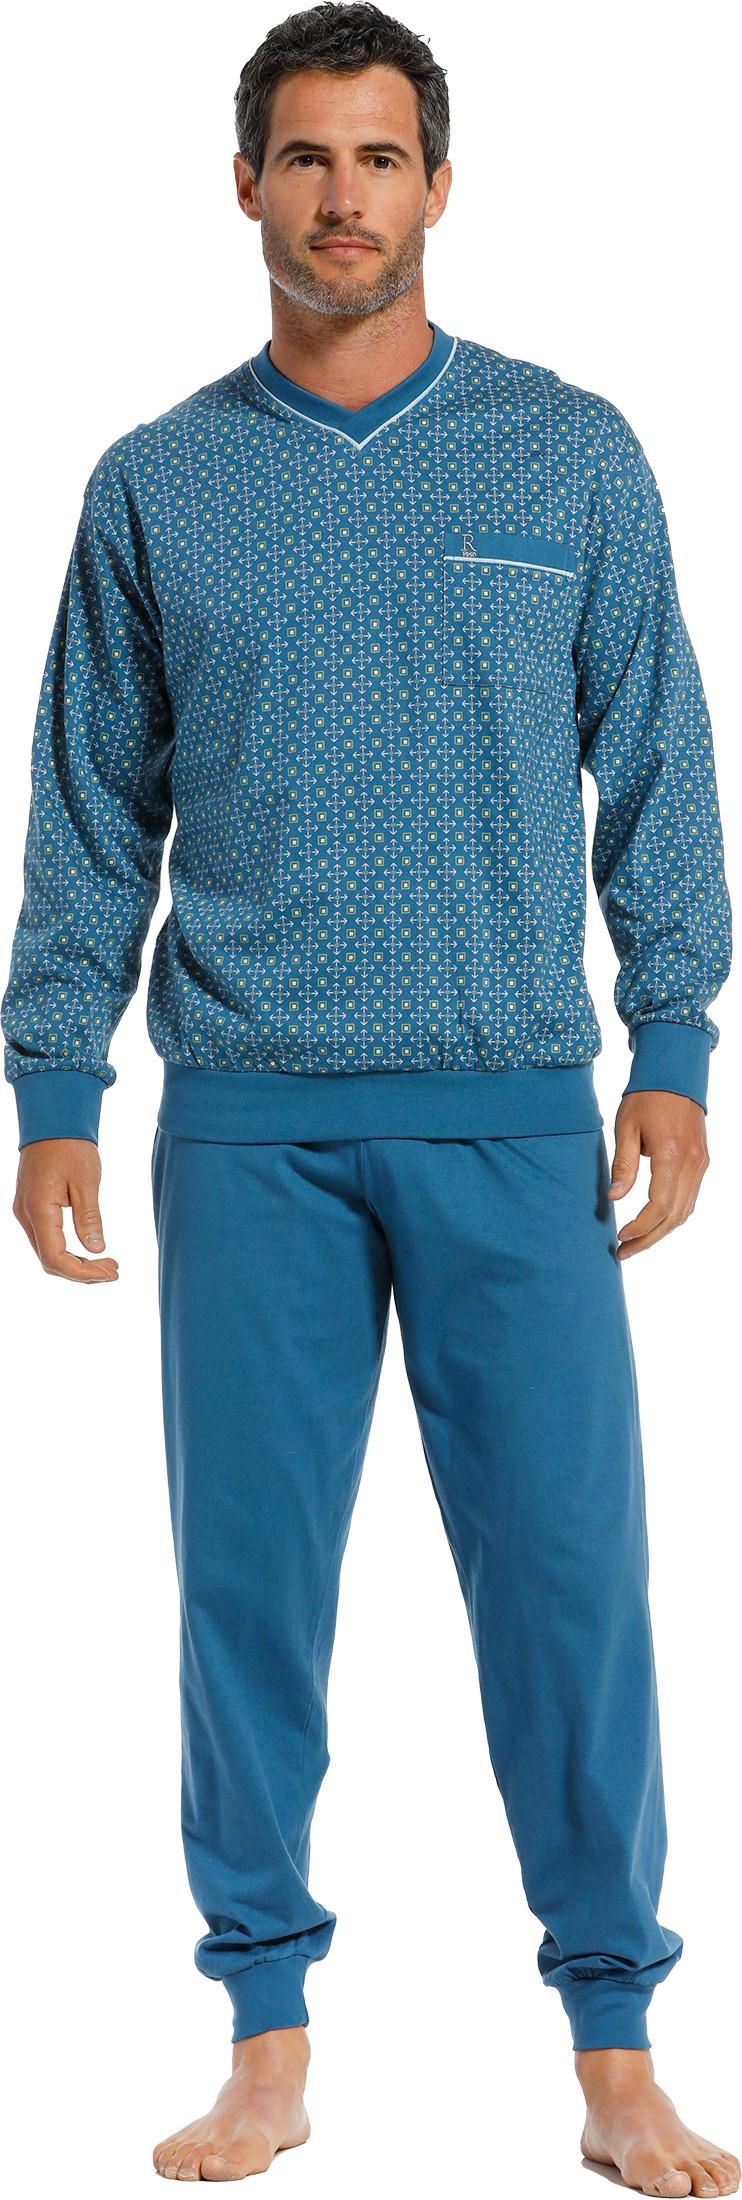 Heren pyjama Robson 27211-708-2-S/48